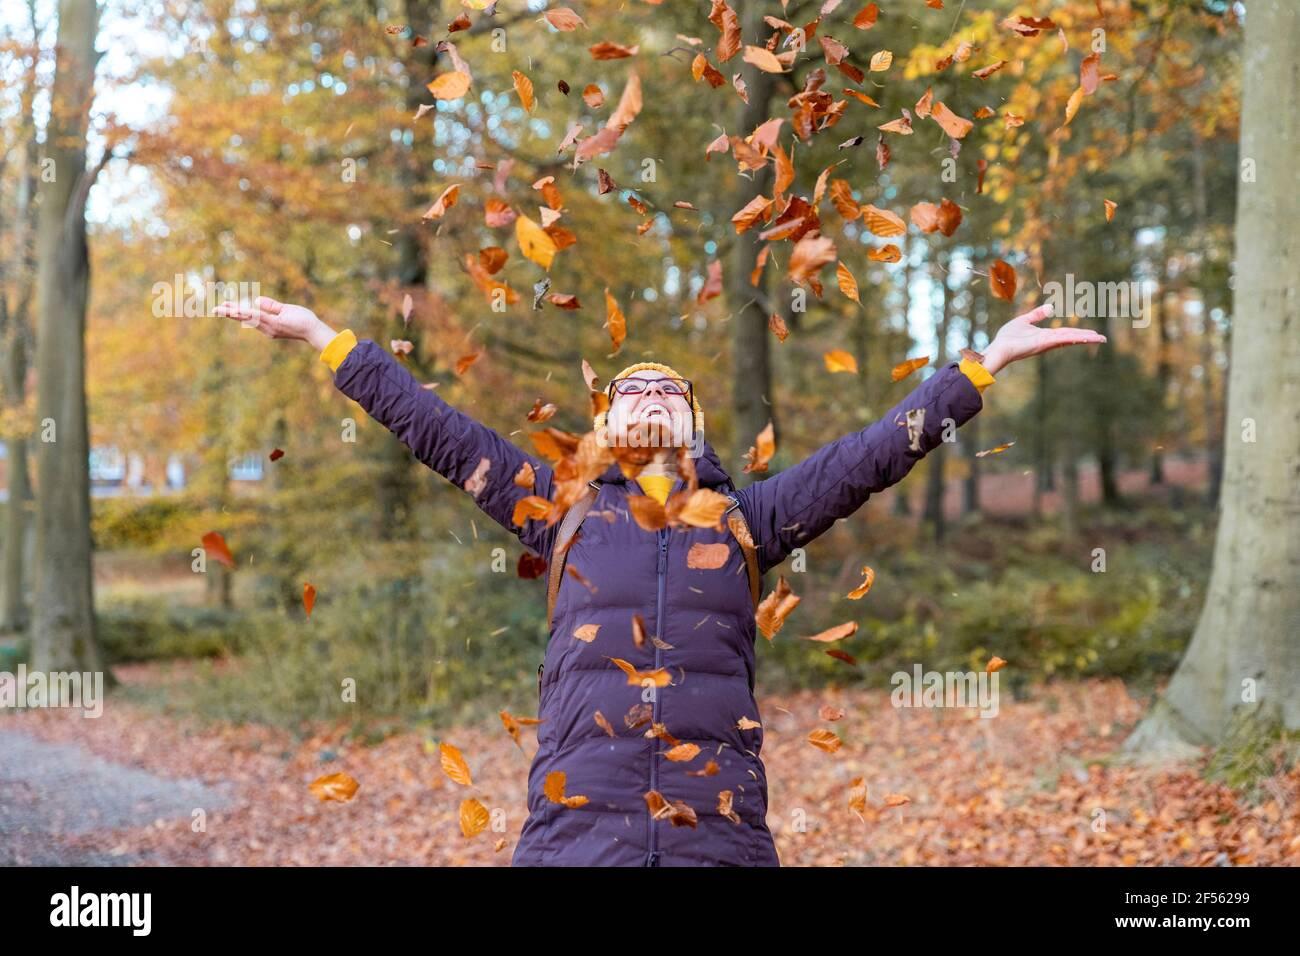 Femme joyeuse jouant avec les feuilles d'automne dans la forêt Banque D'Images